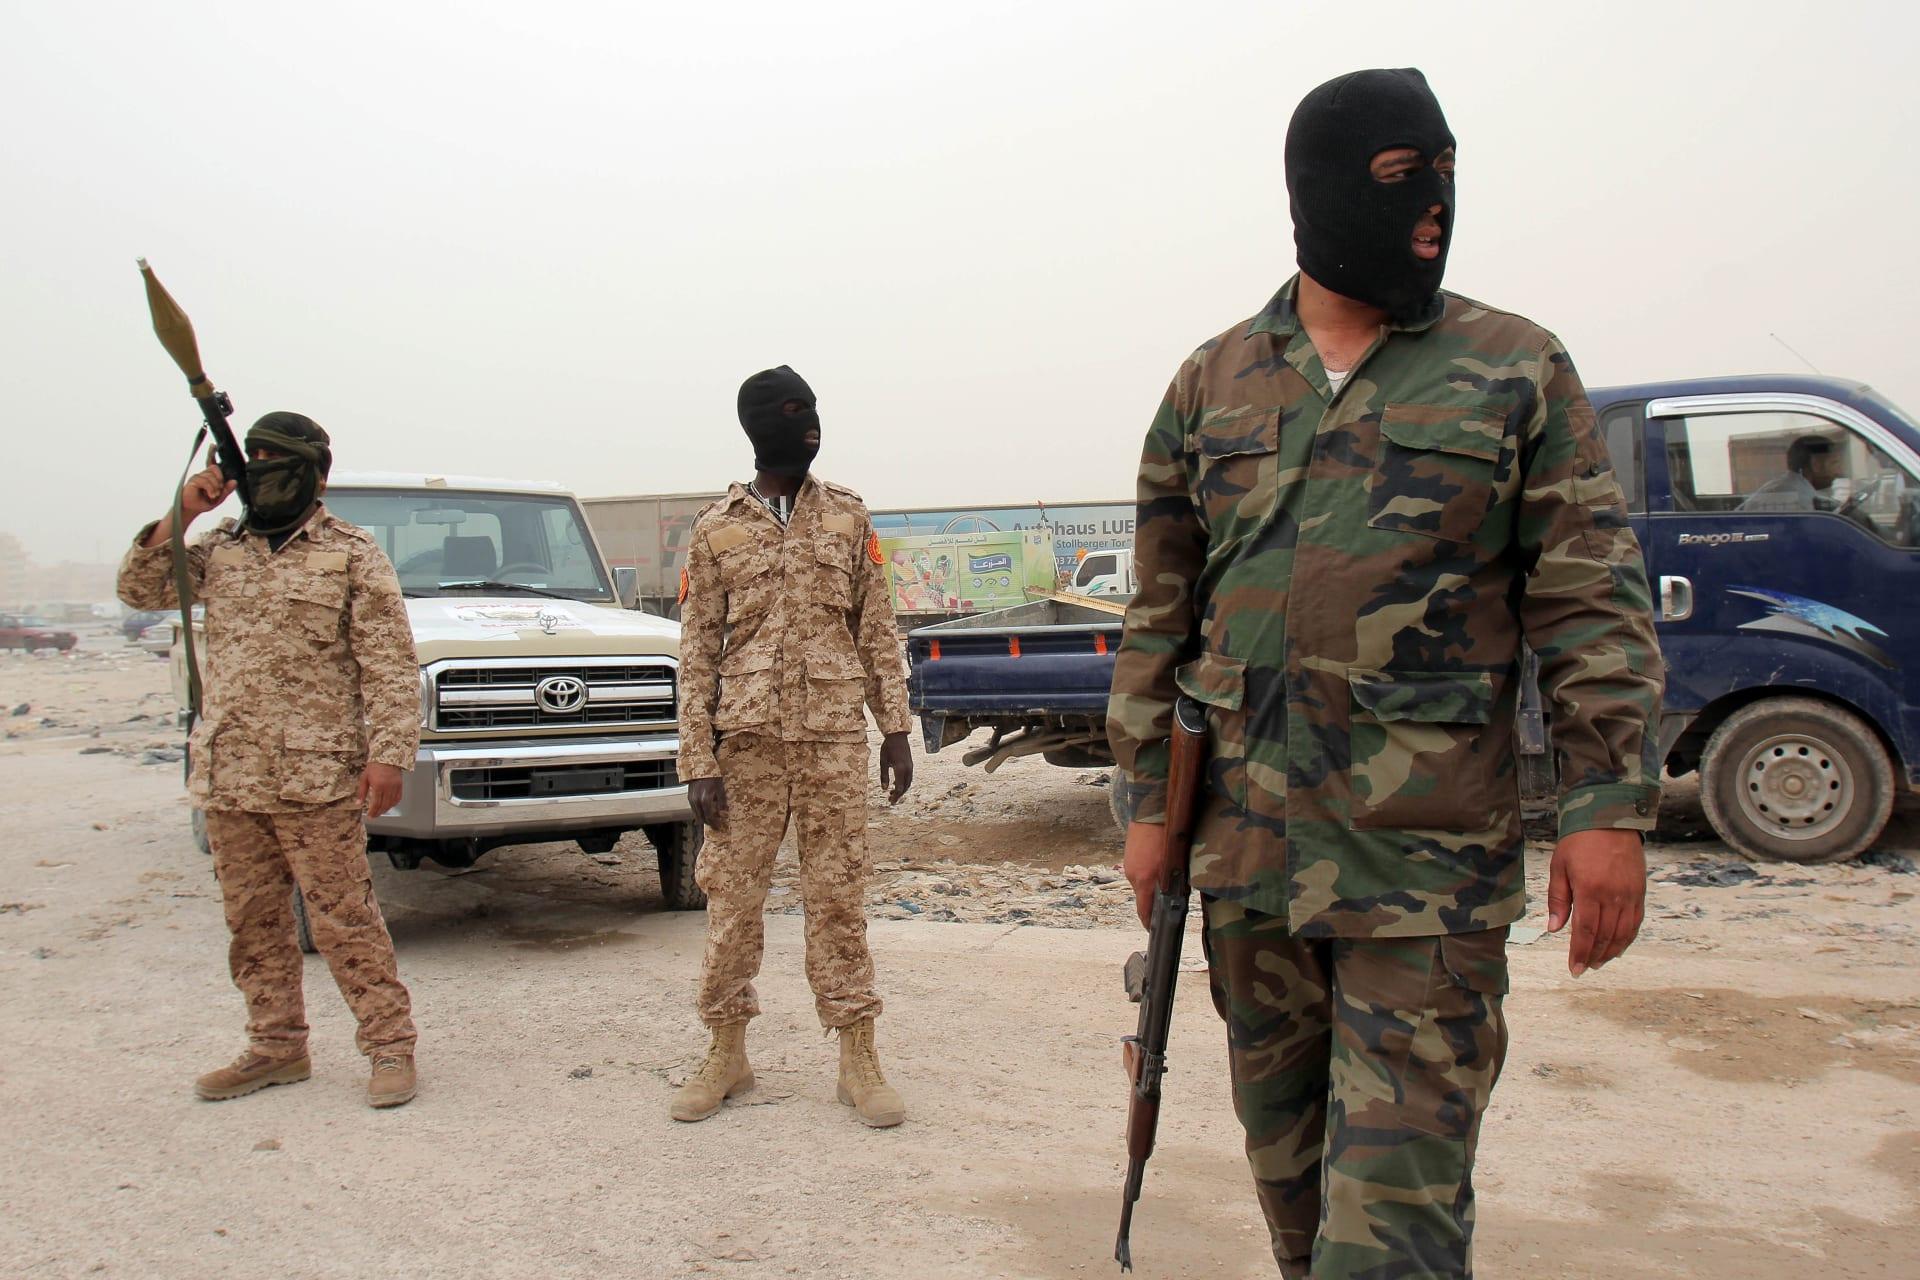 ليبيا: اغتيال عنصرين بالقوات الخاصة ببنغازي